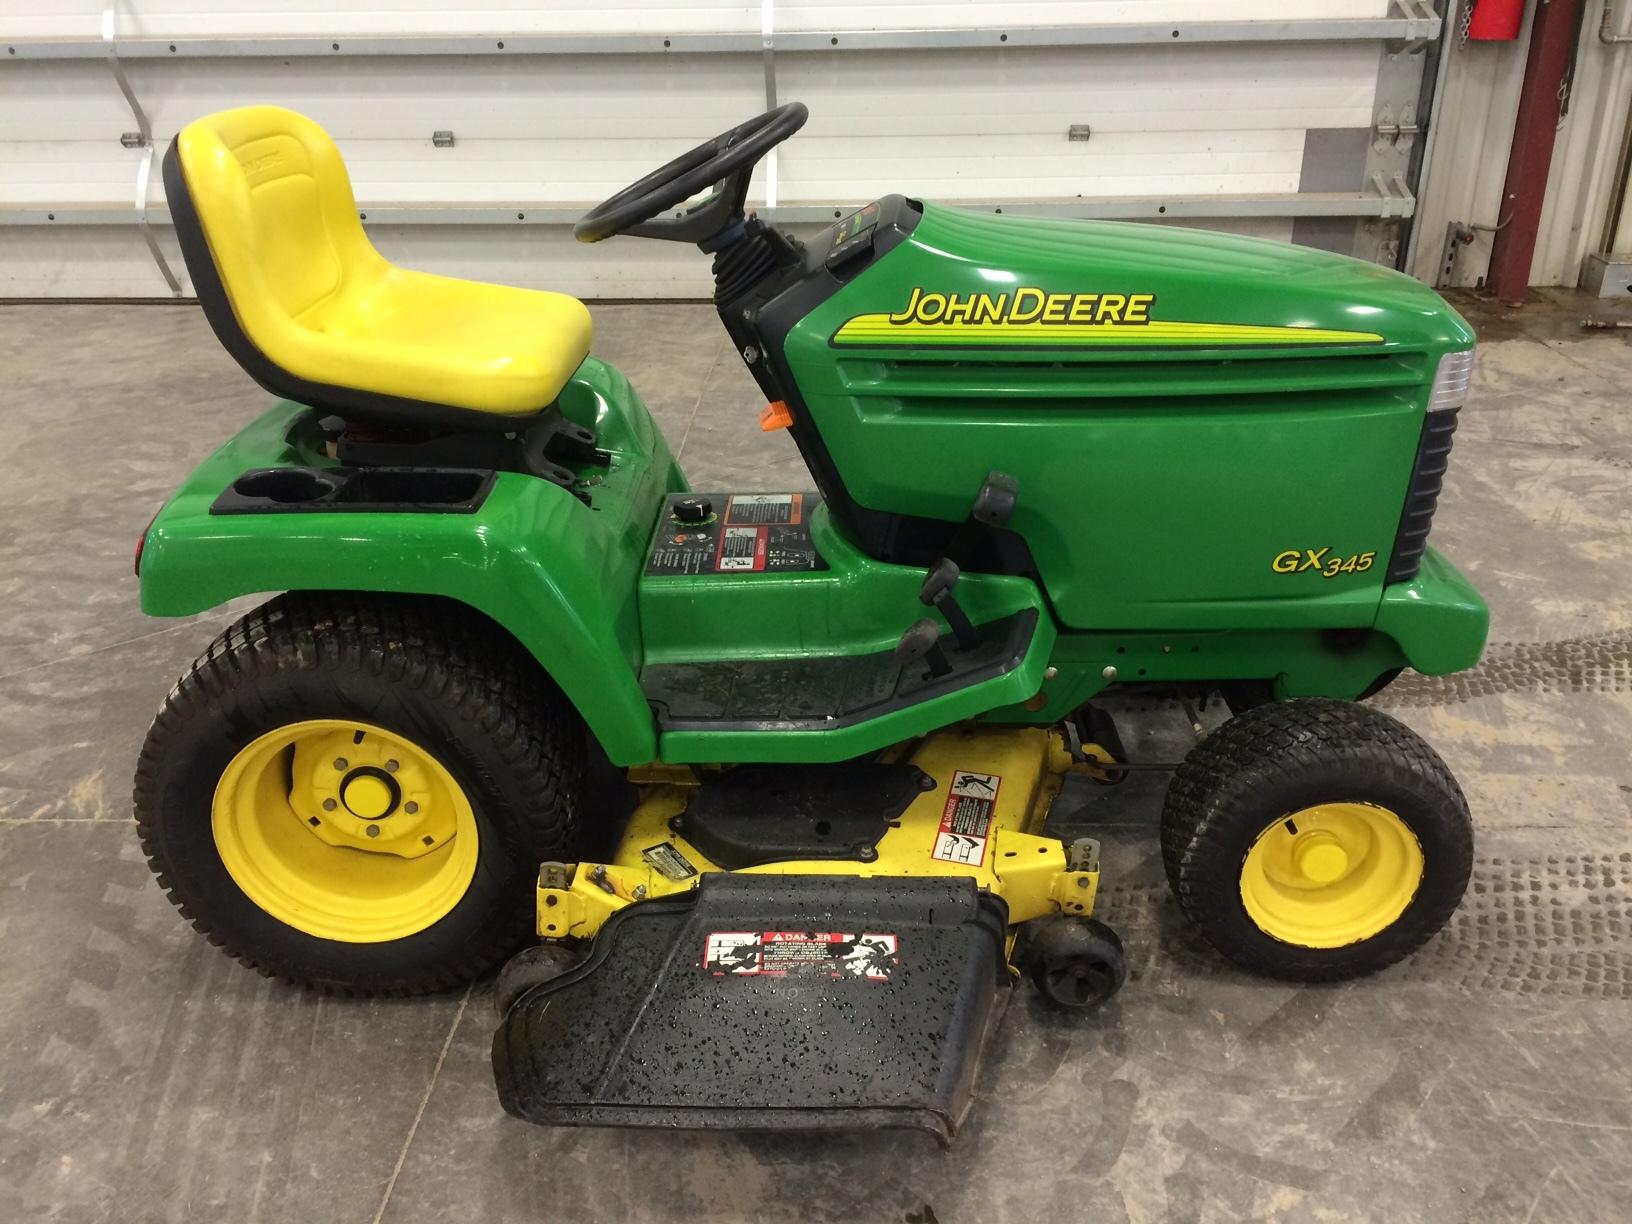 John Deere GX345 Lawn & Garden Tractors for Sale | [58564]